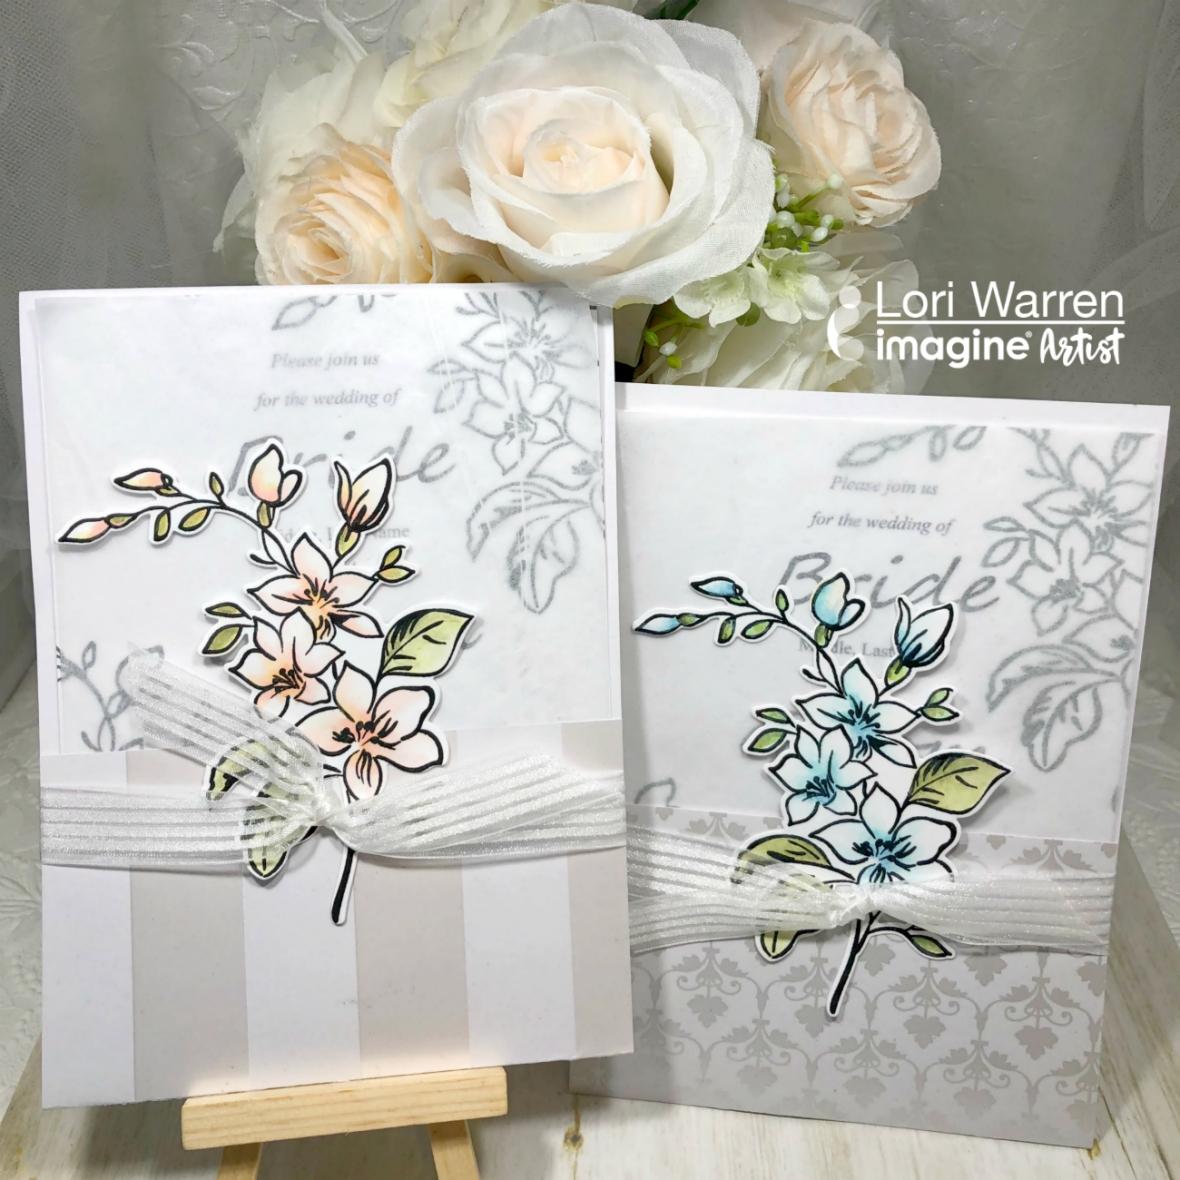 2019_April_law_Wedding Invite_main_wm